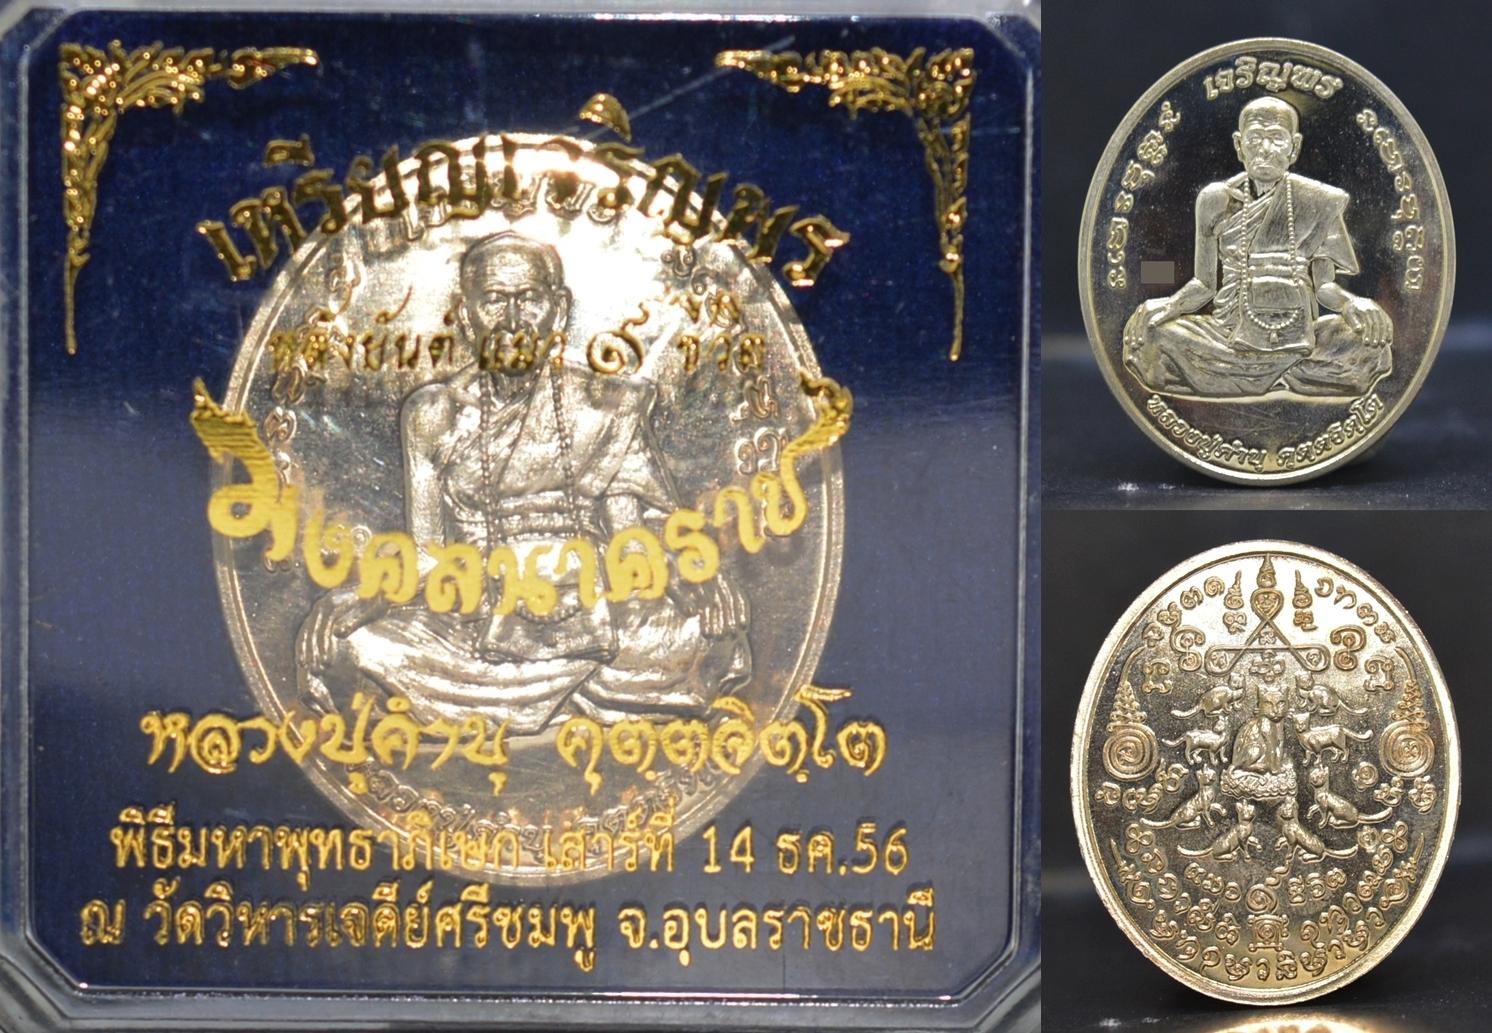 เหรียญเจริญพรหลังยันต์แมว 9 ชีวิต เนื้ออัลปาก้า หลวงปู่คำบุ วัดกุดชมภู 2556